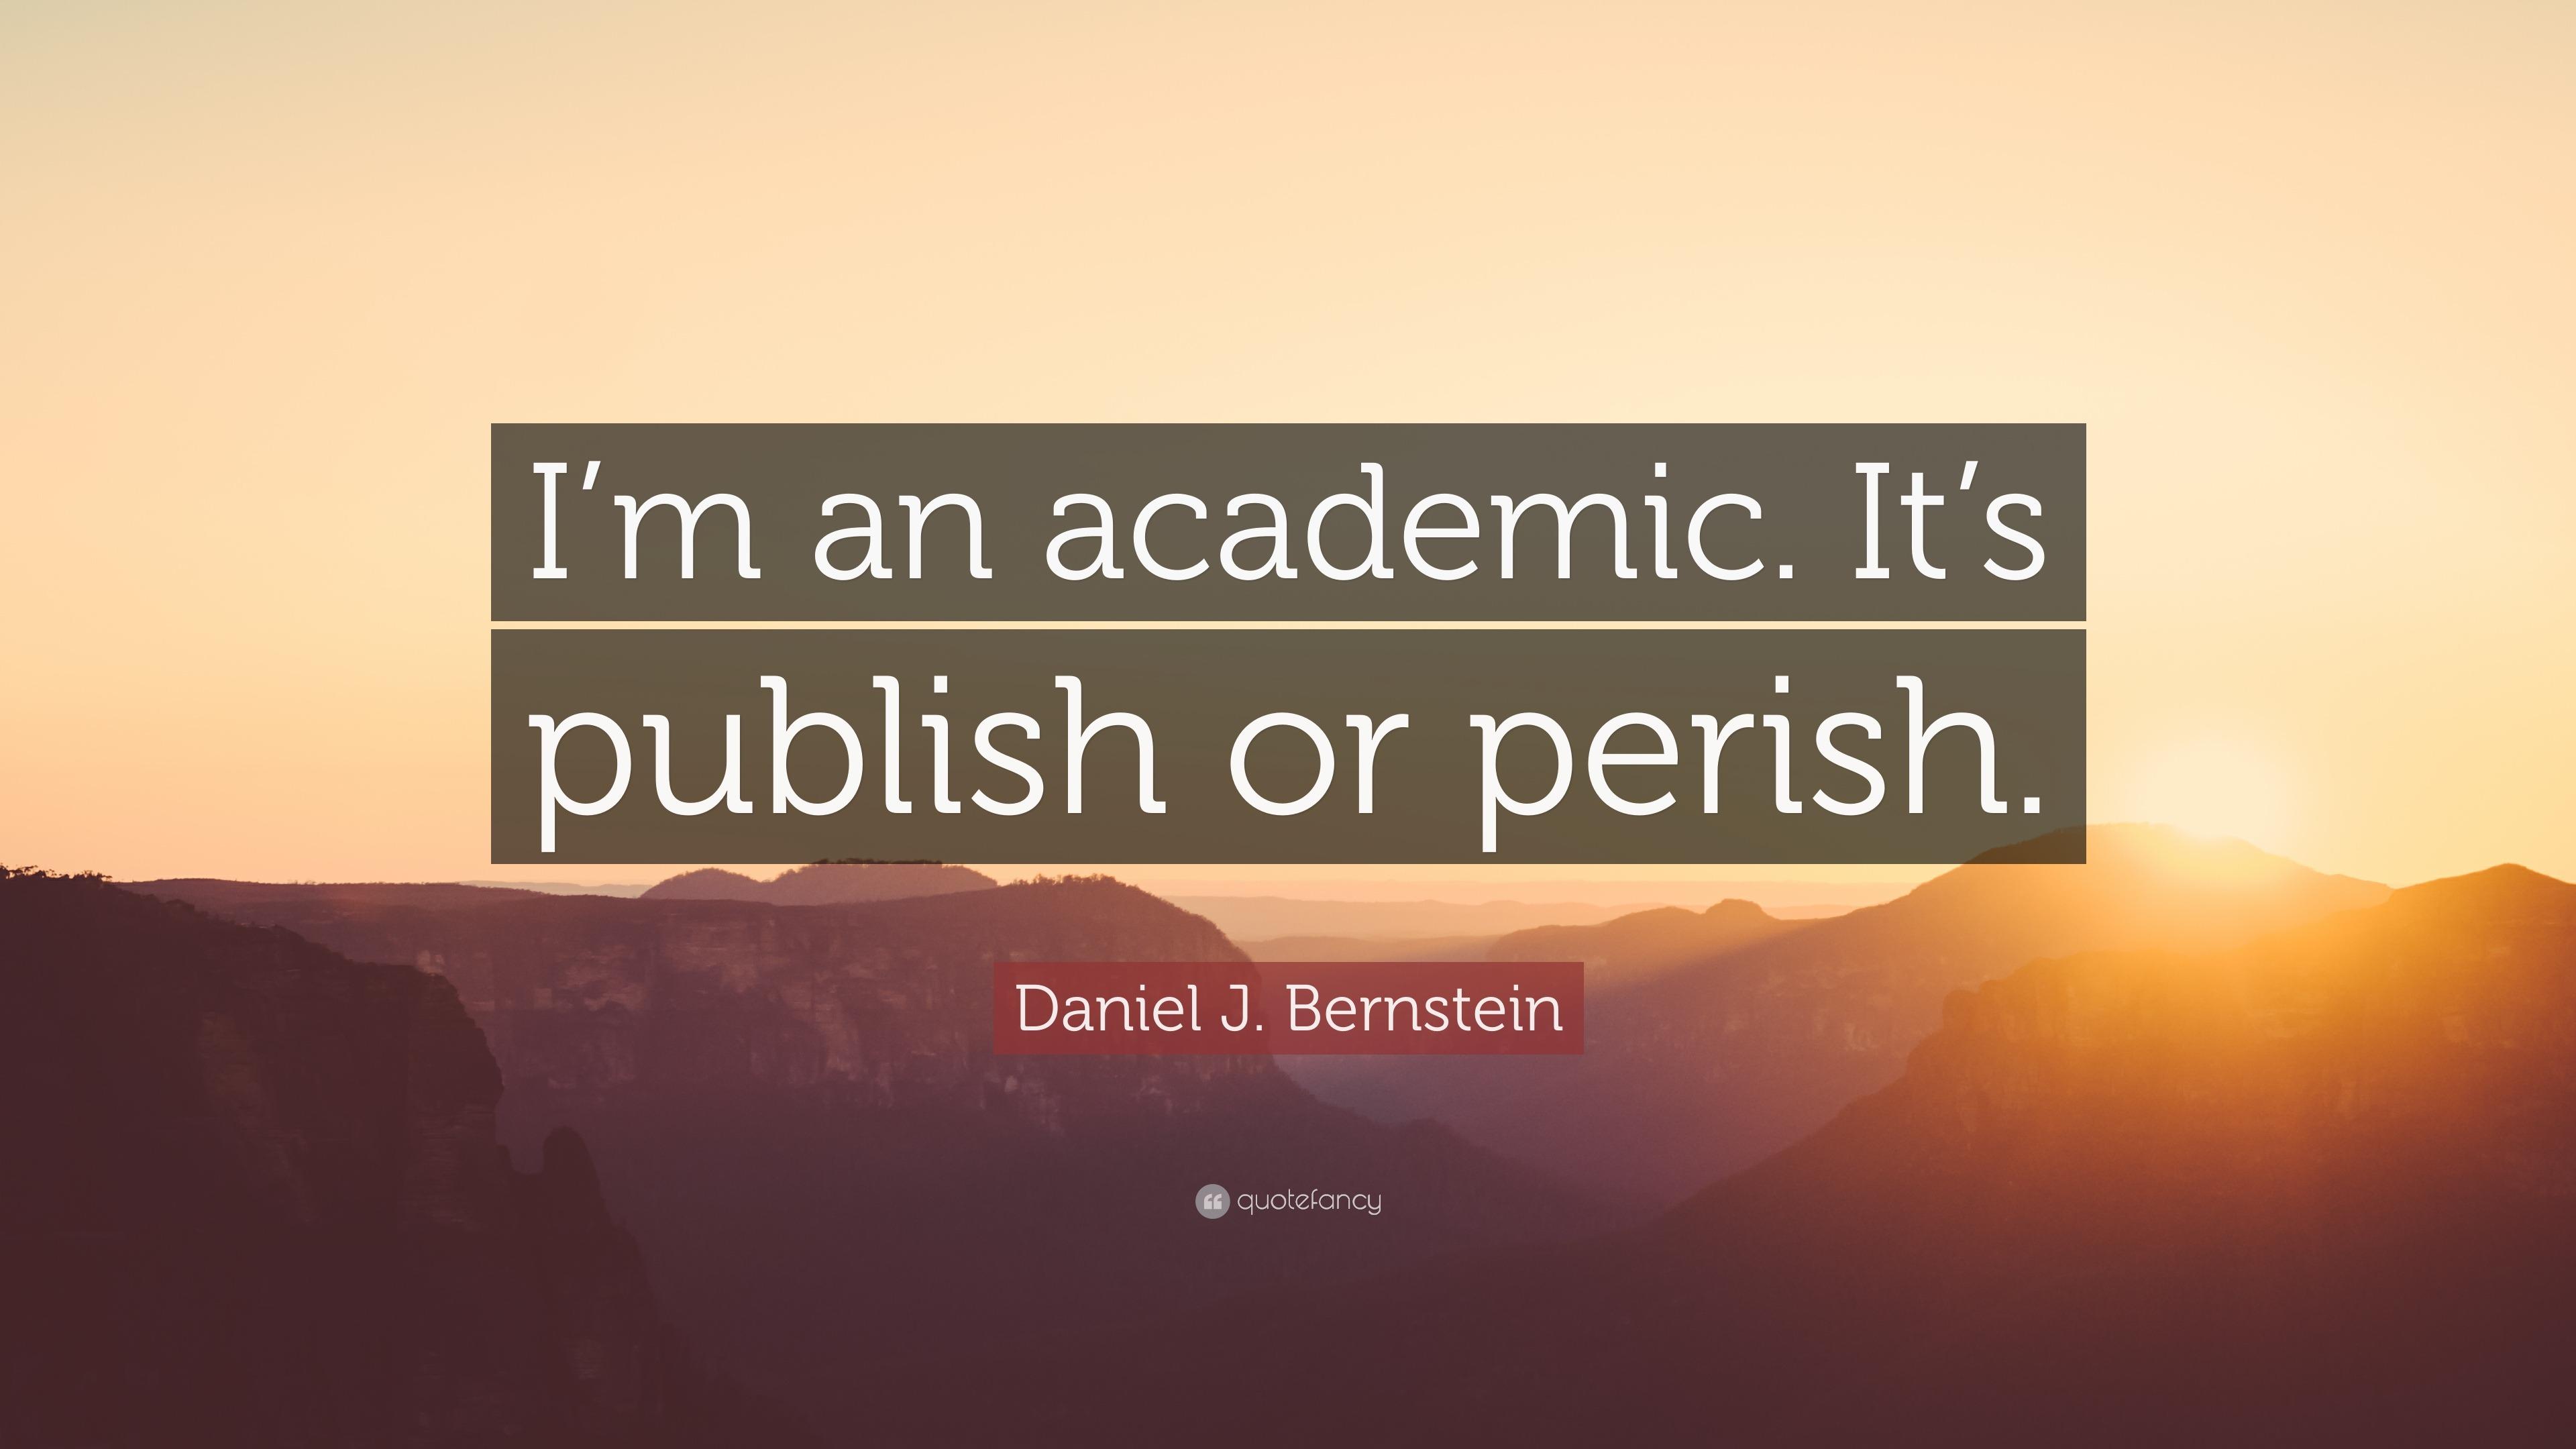 Academic Quotes Daniel Jbernstein Quotes 9 Wallpapers  Quotefancy